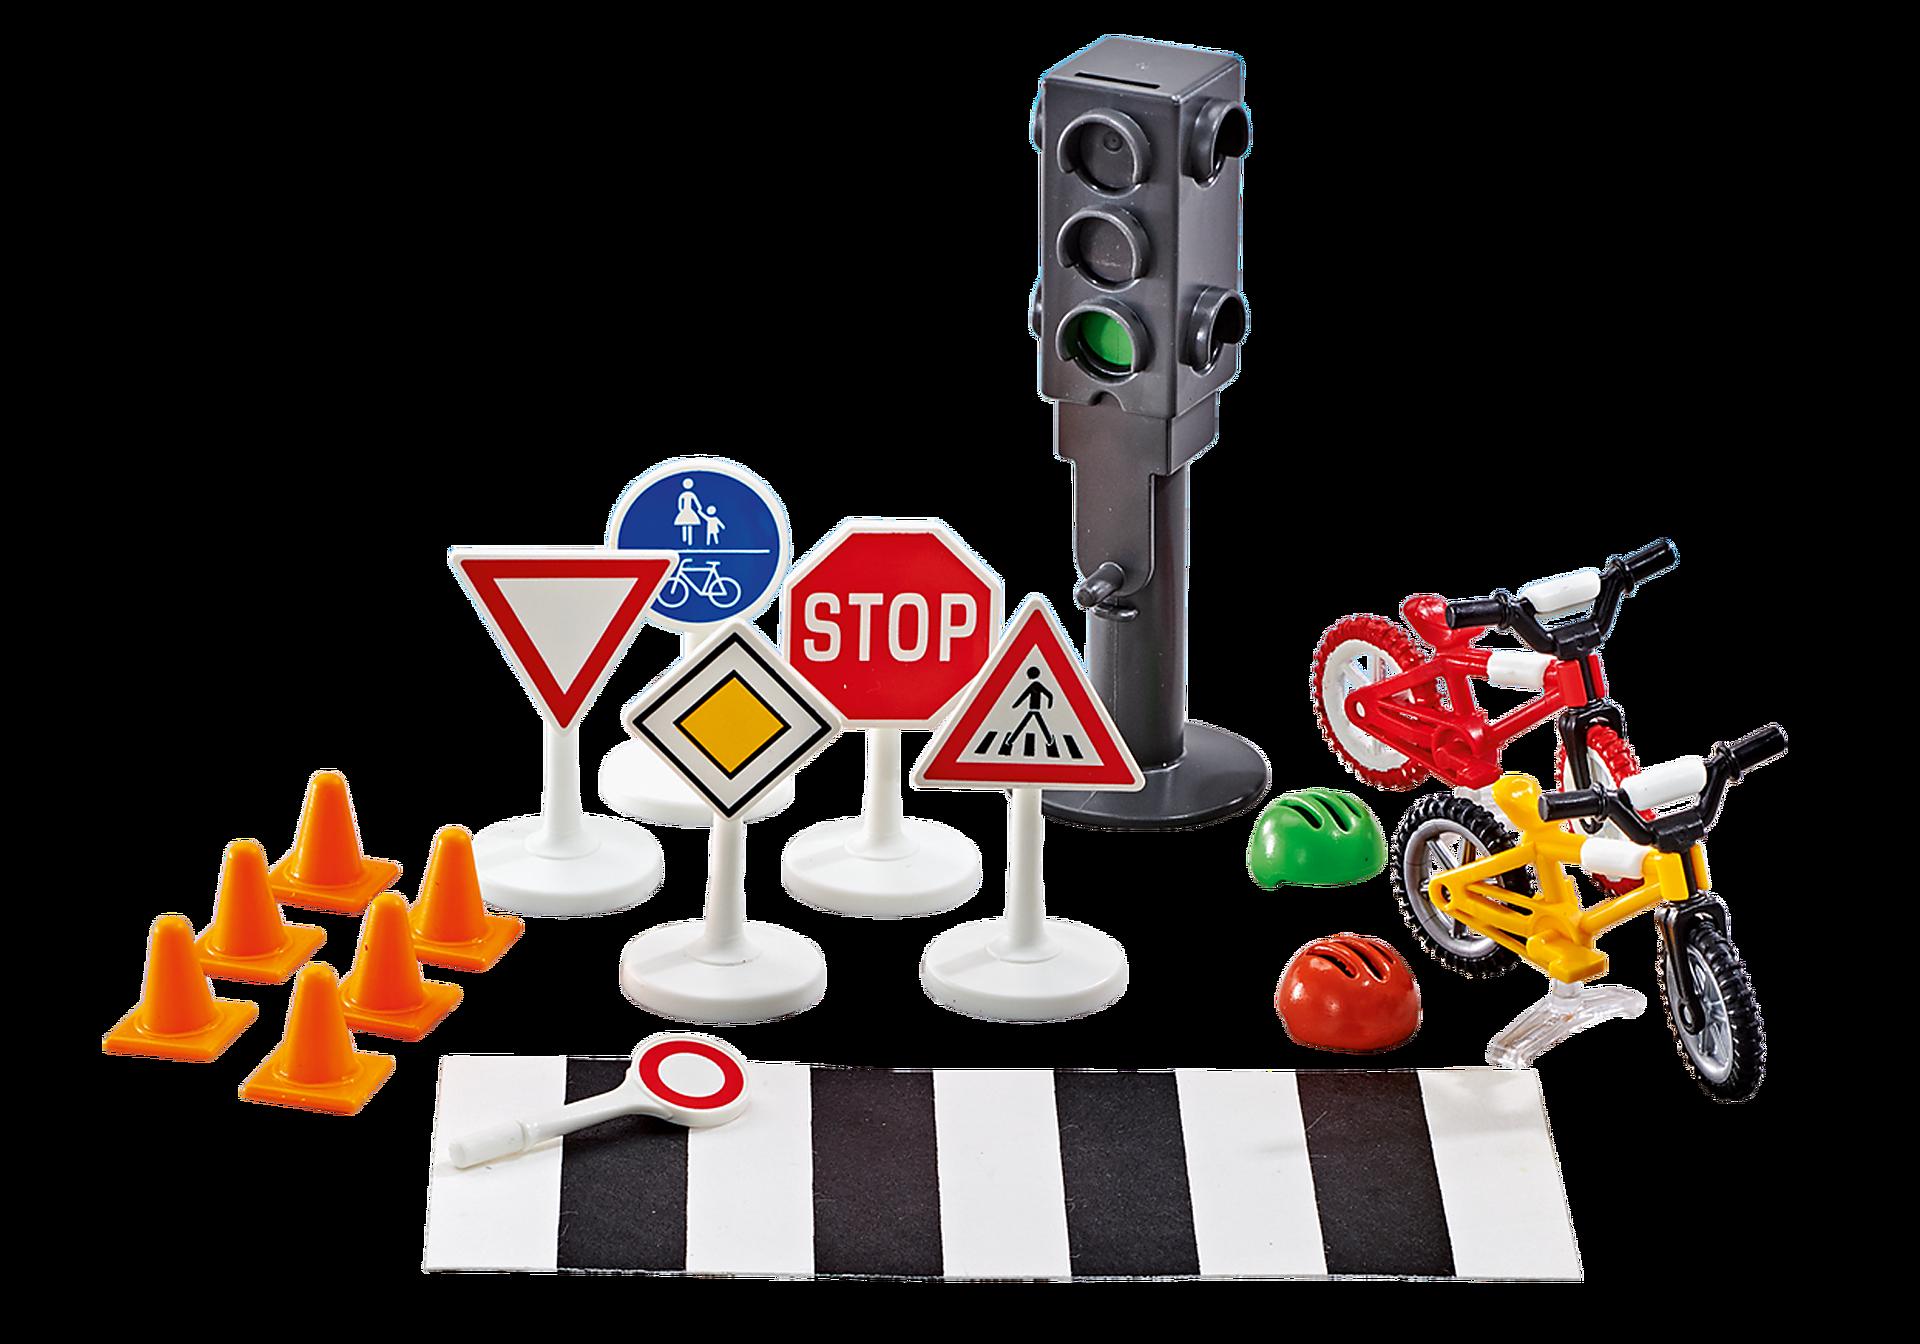 9812 Znaki i sygnały drogowe  zoom image1